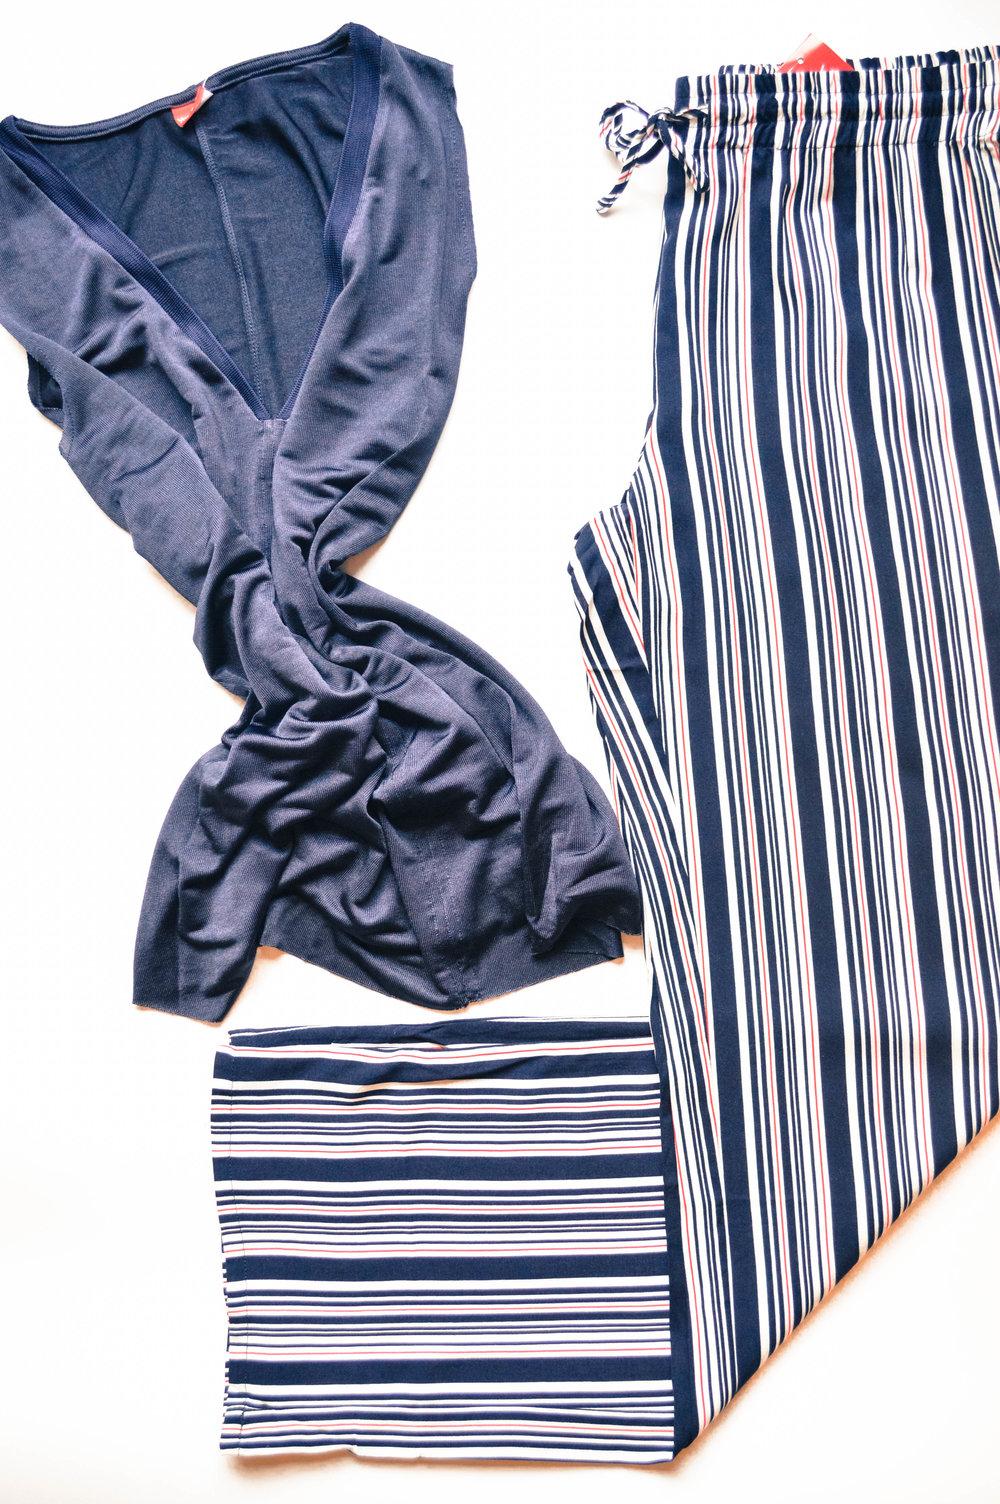 Панталони= 2090 денари, блуза= 1790 денари